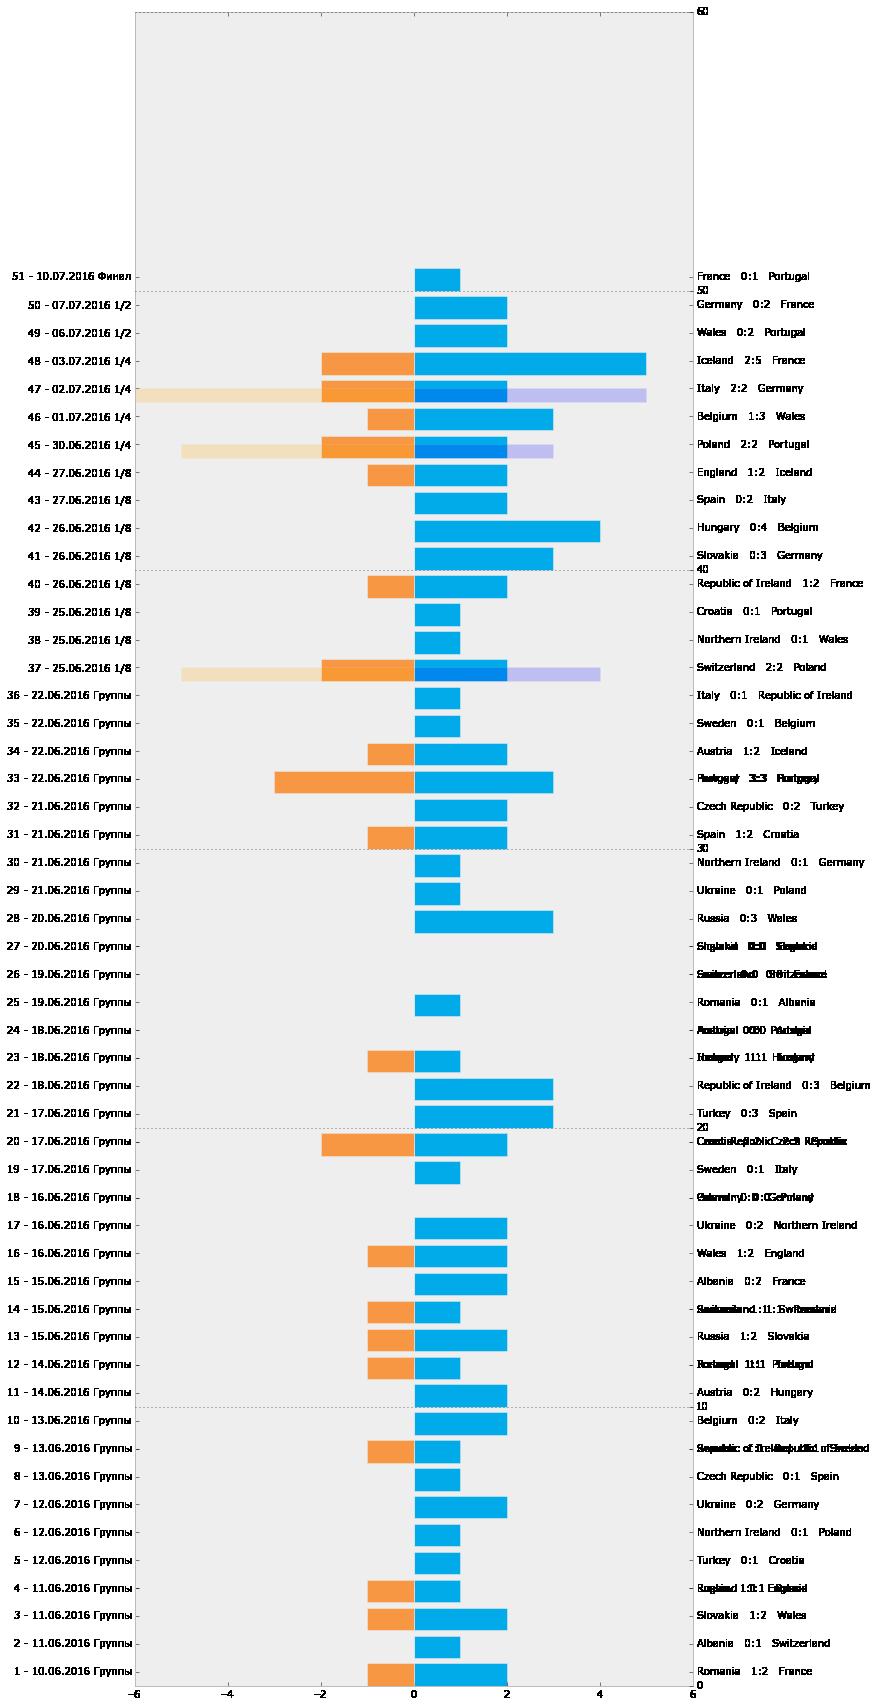 Визуализация статистики ЕВРО-2016 с помощью Python и Inkscape - 2